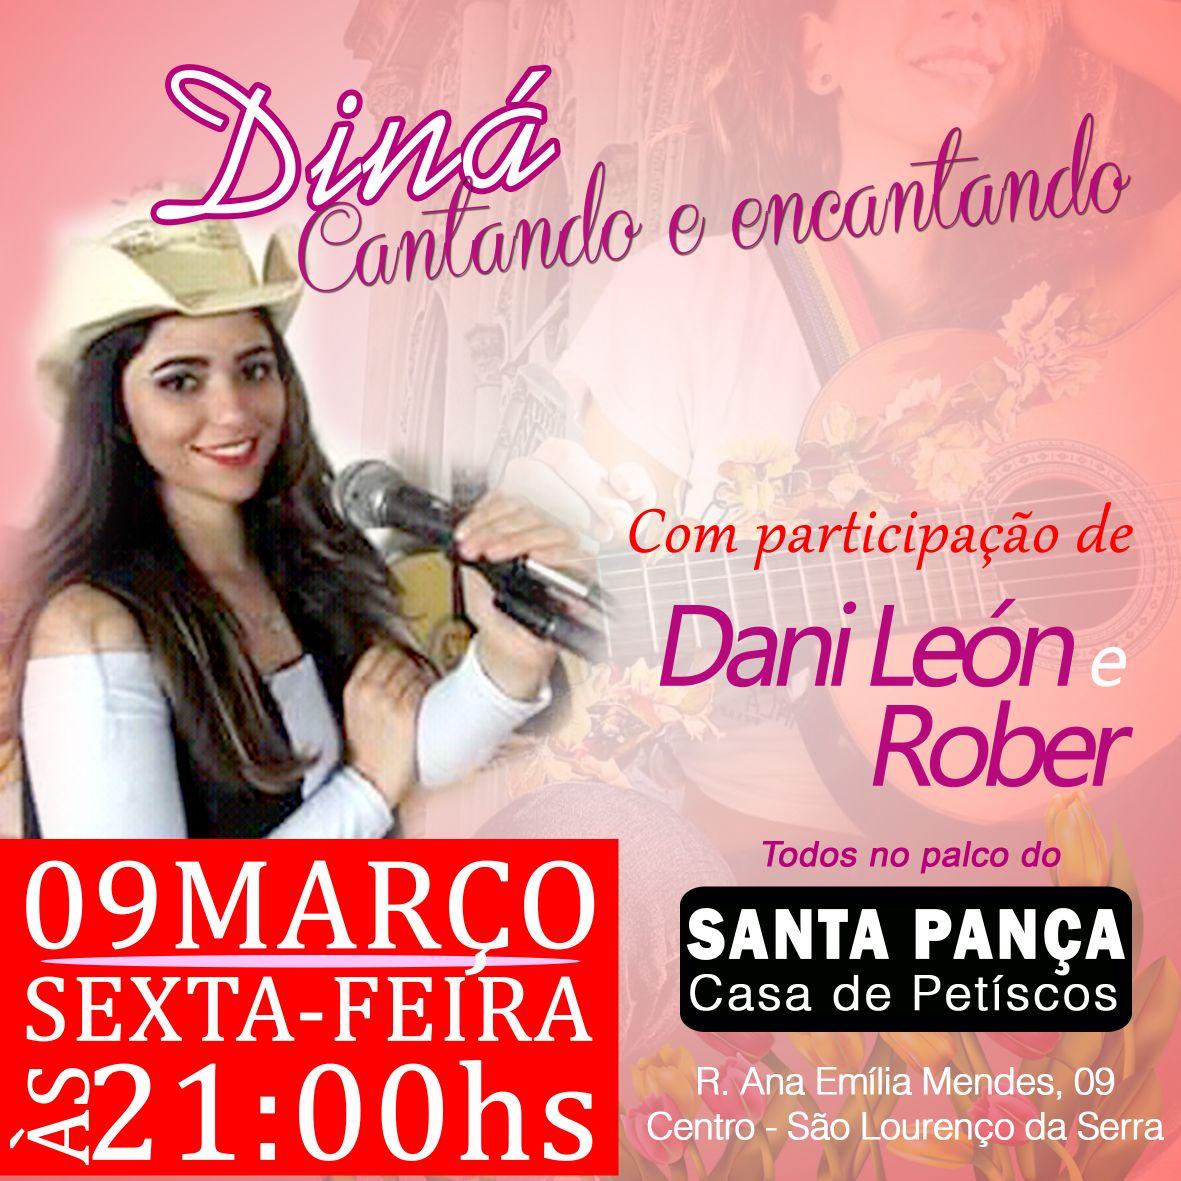 Diná canta nesta sexta, 09/03 no palco do Santa Pança